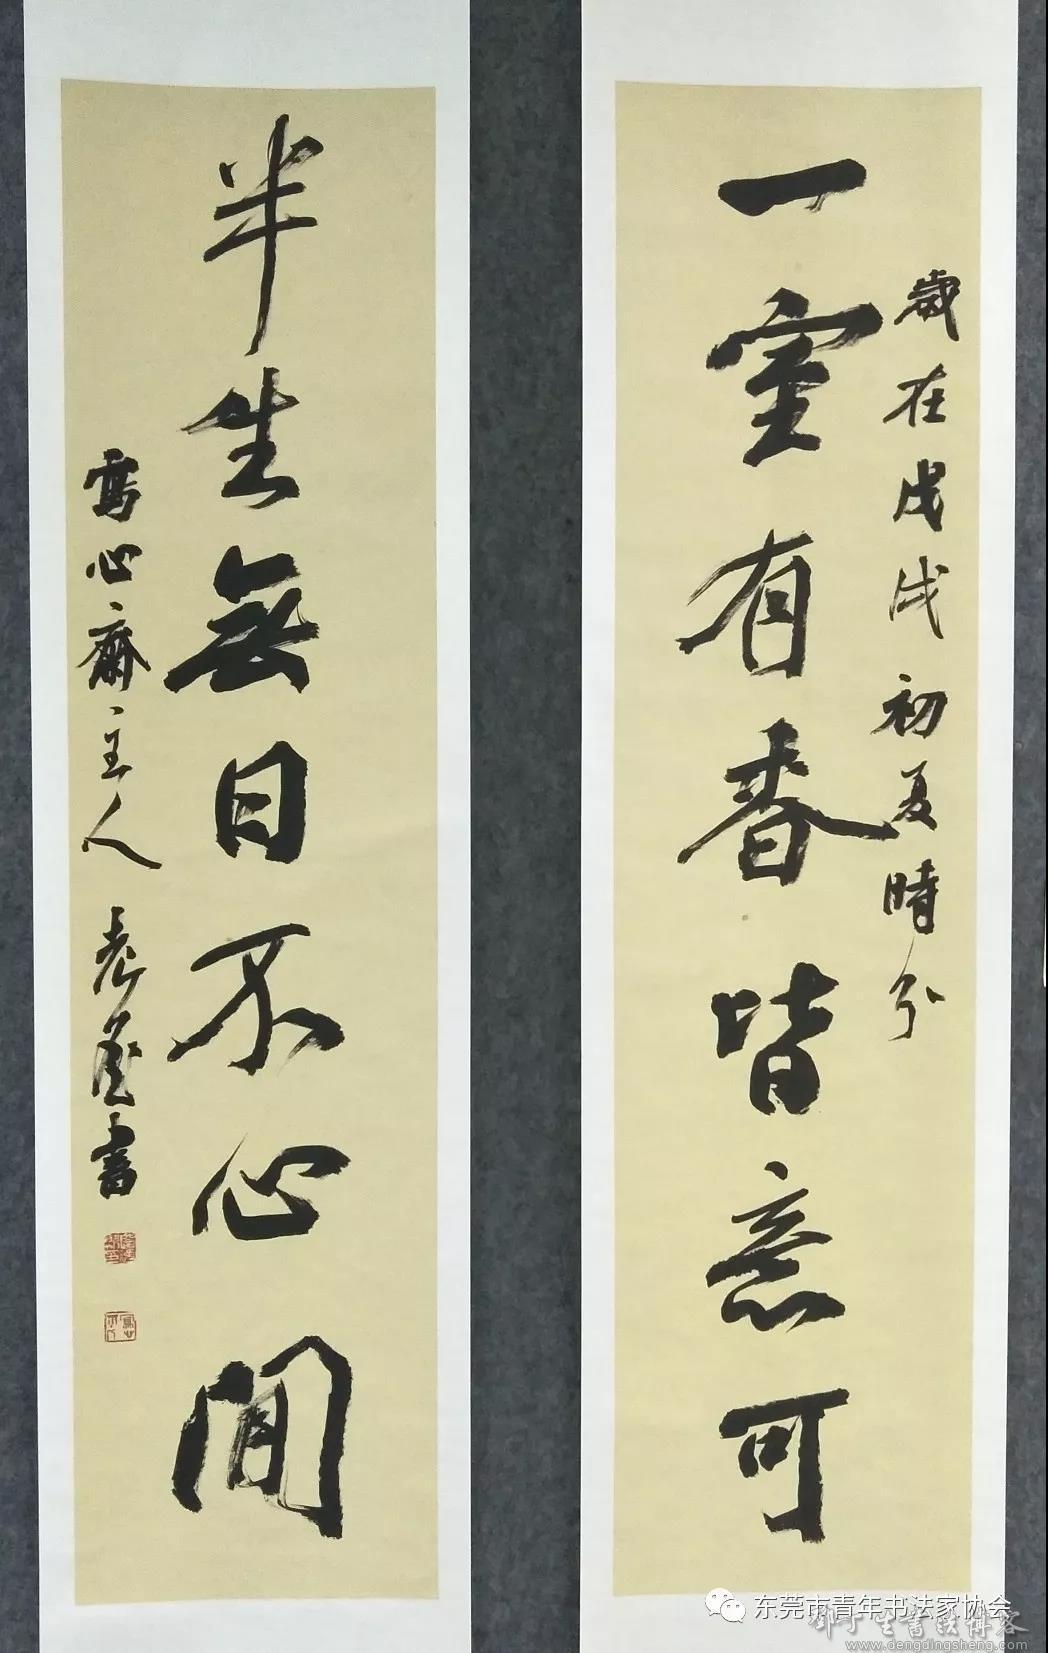 东莞市书协副秘书长詹逸然贺作.jpg